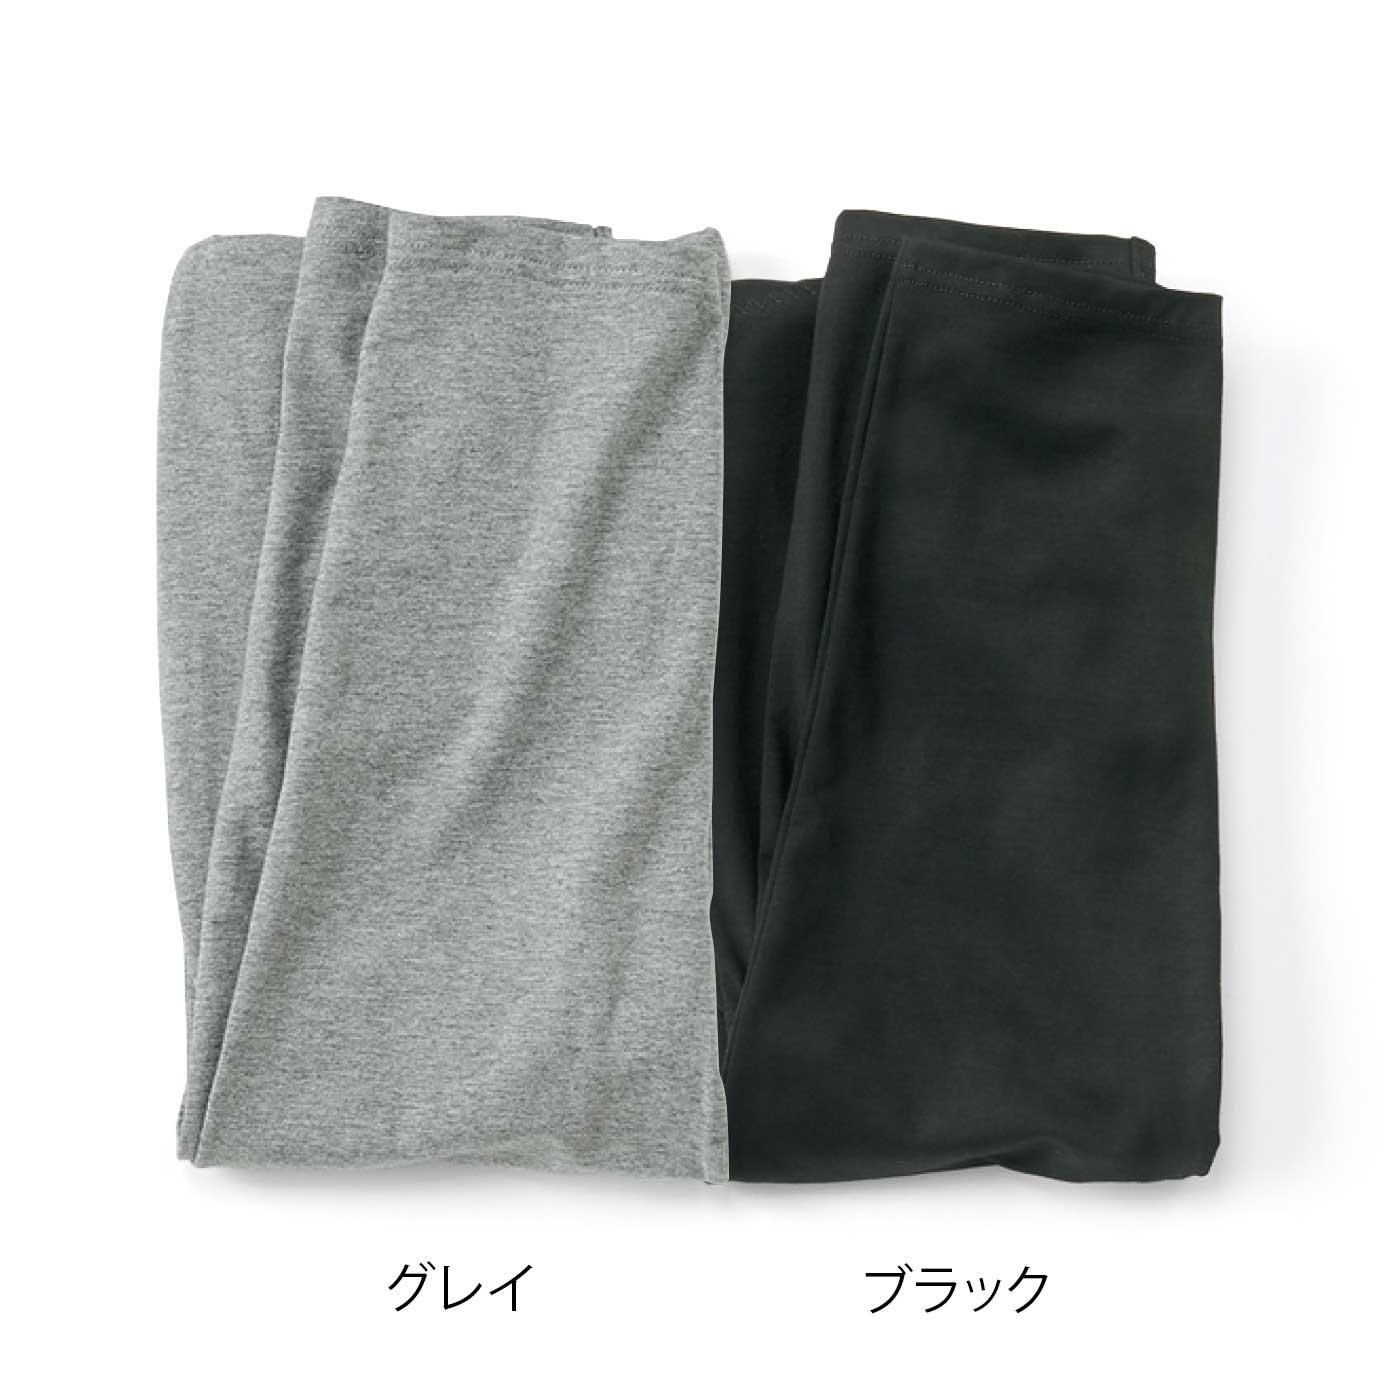 いろいろなお洋服に合わせやすい綿混素材&定番カラーも◎。